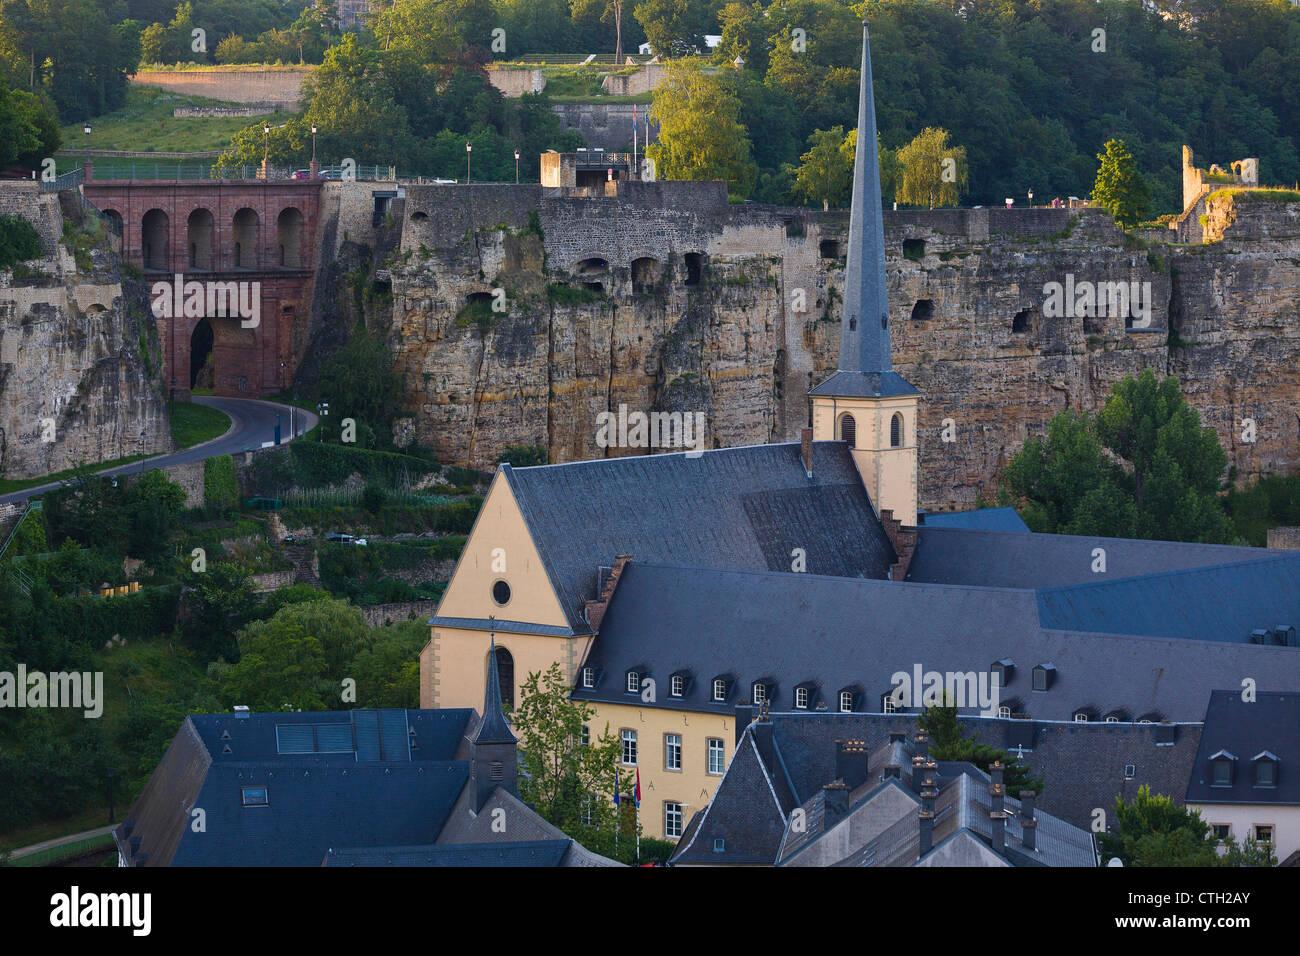 Die Schlassbreck (Schlossbrücke) der Bock Rock und Neumünster Abbey im Tal Grund. Stockbild